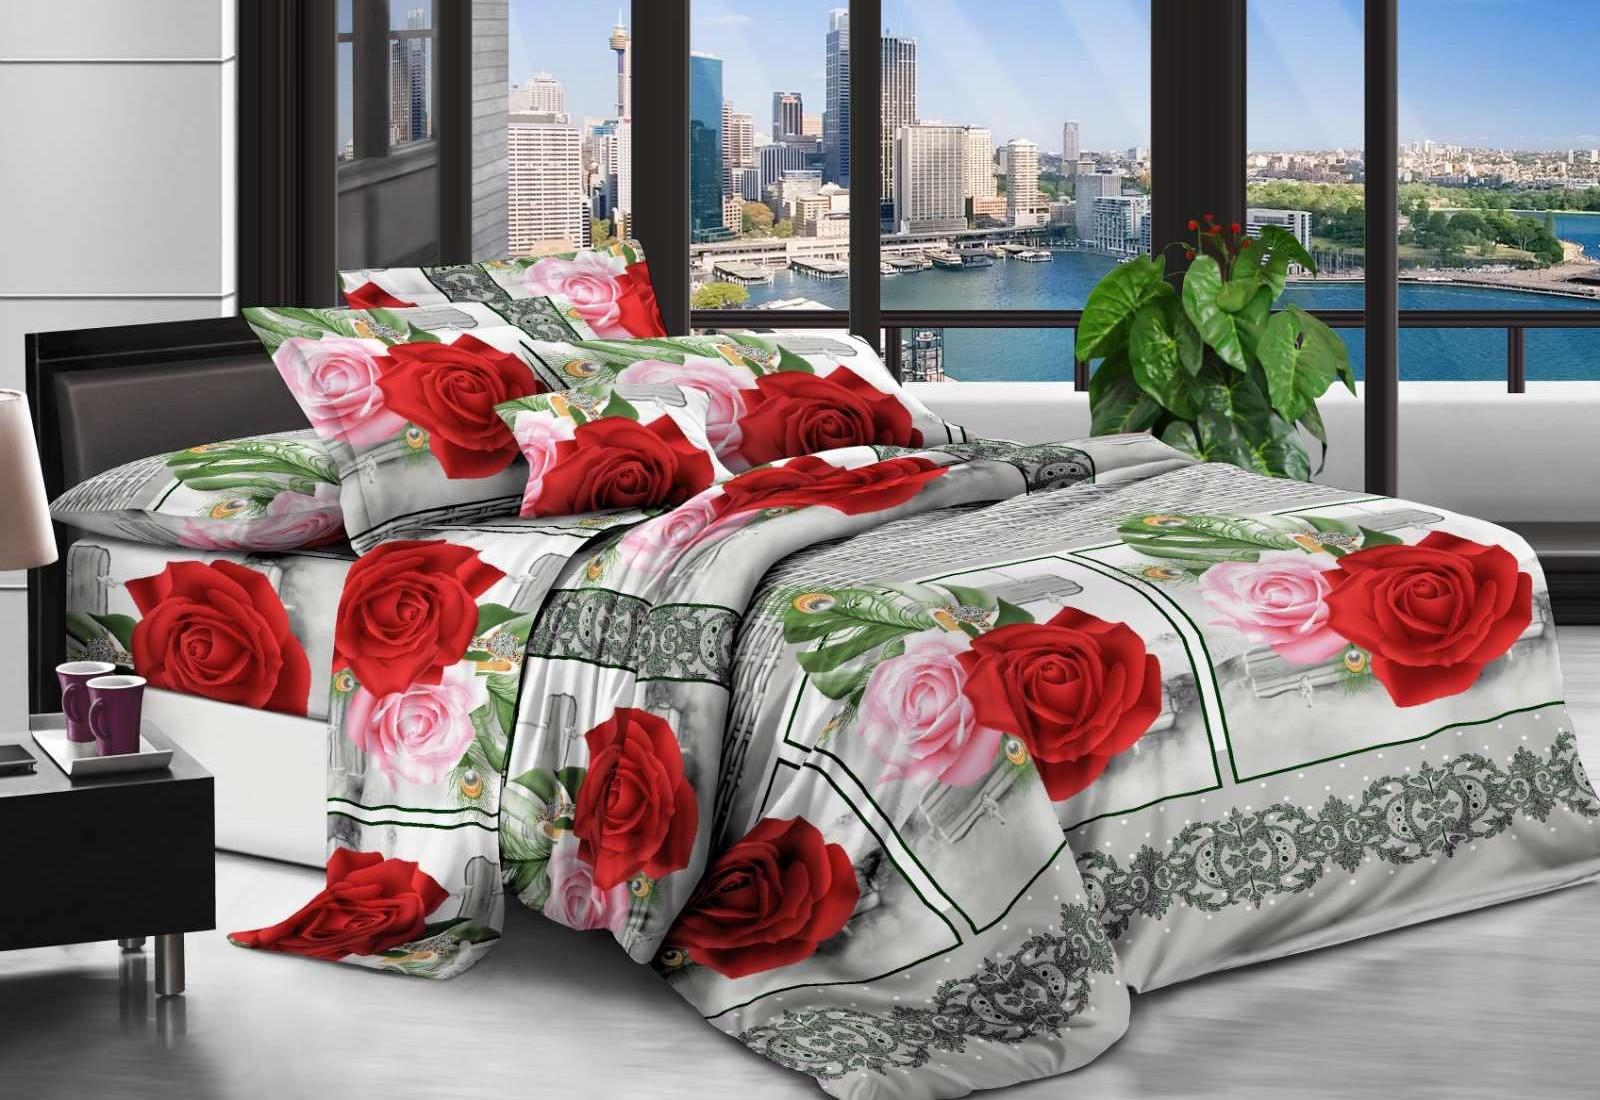 Двуспальное постельное белье полиСАТИН 3D (поликоттон)  852775